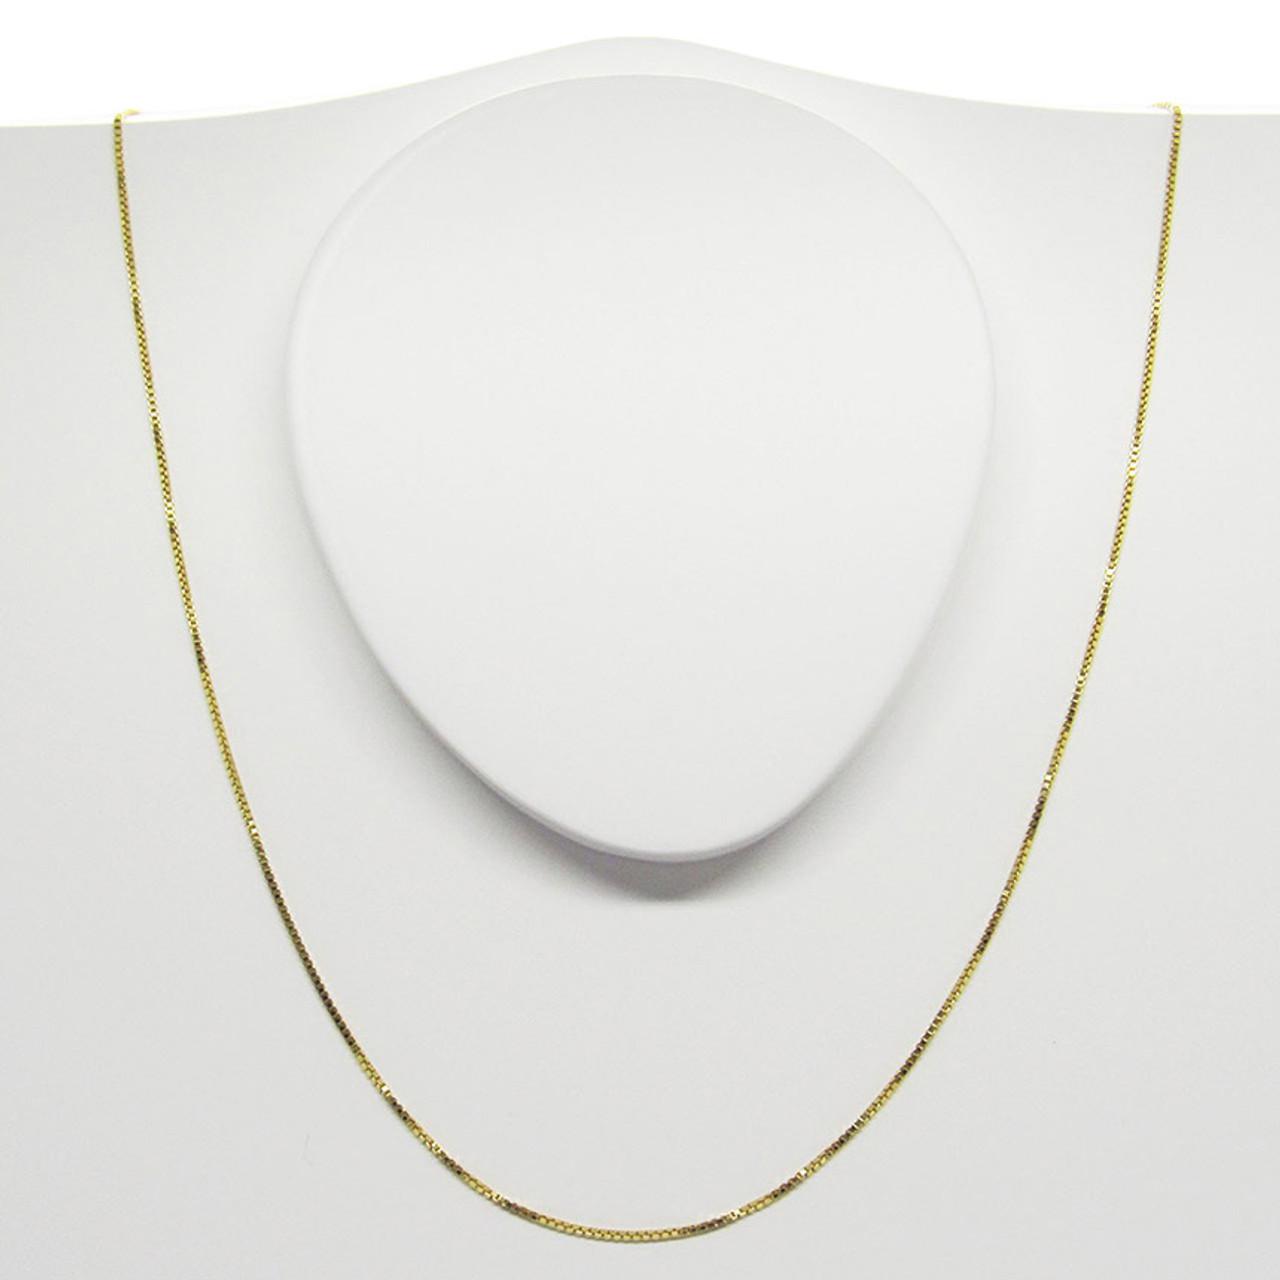 2032e35993346 Corrente de ouro 18k Veneziana 1mm com 60cm (CJCO-00000346)